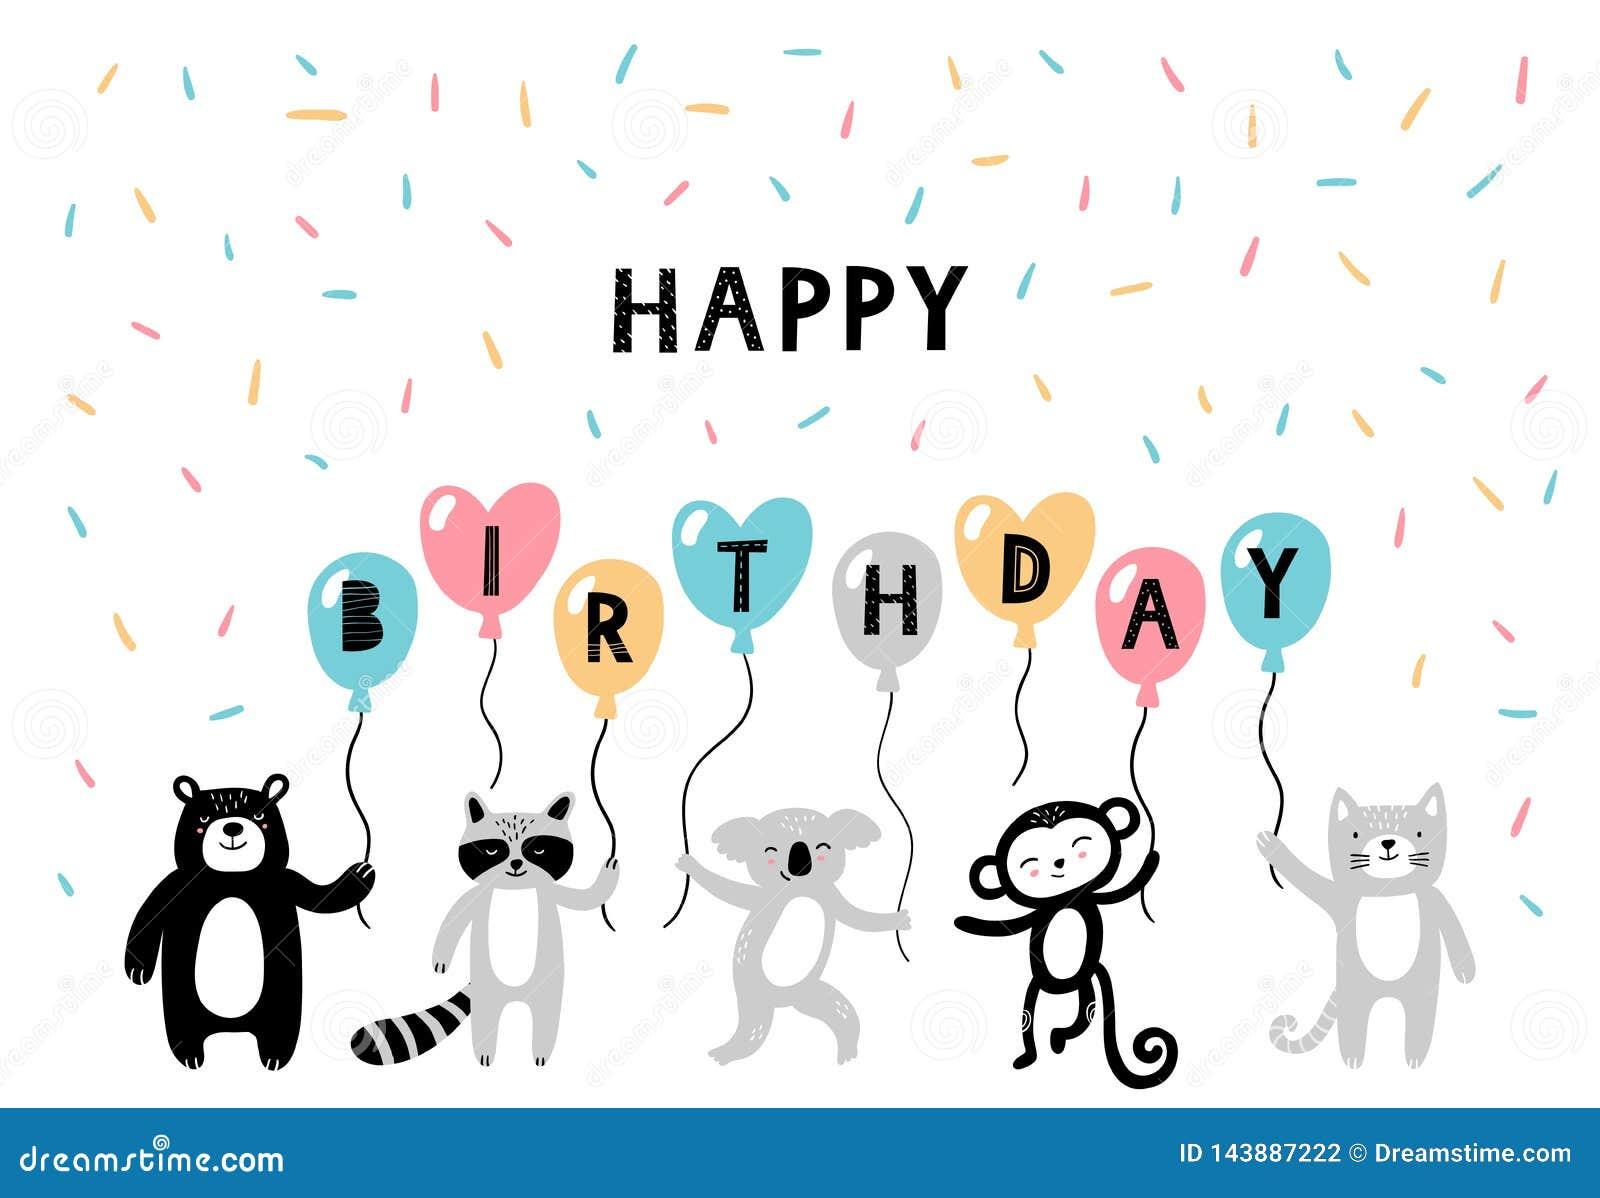 Χαριτωμένα hand-drawn ζώα στην ευτυχή κάρτα β-ημέρας Τα κινούμενα σχέδια αντέχουν, ρακούν, koala, πίθηκος και γάτα στο ύφος doodl